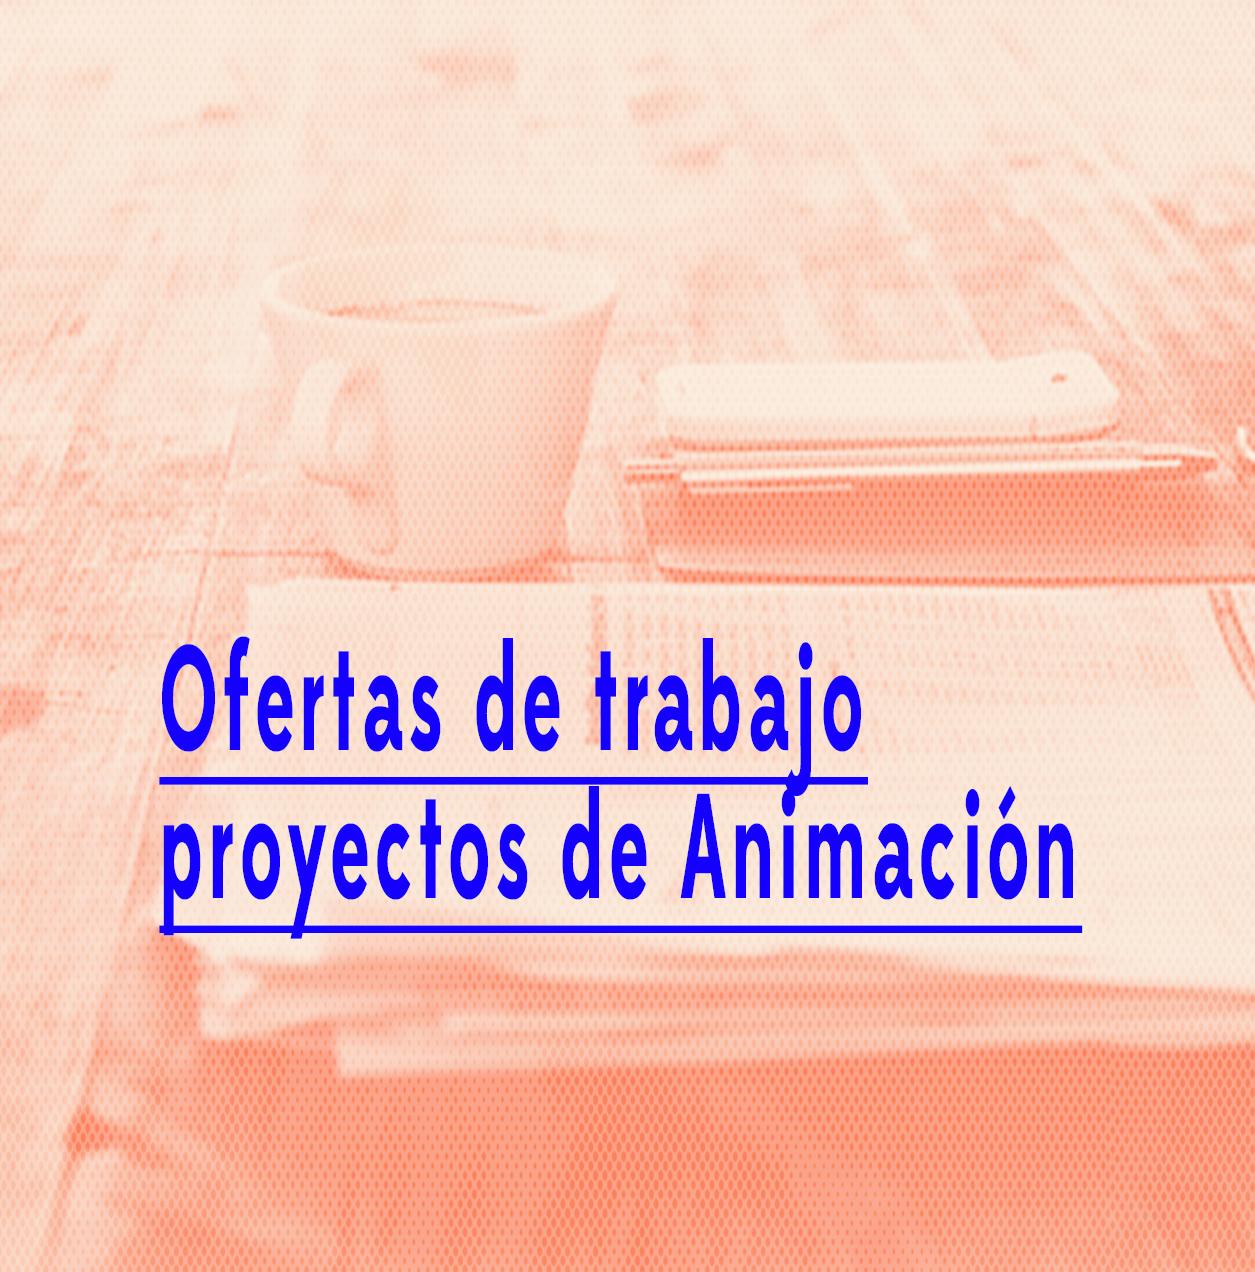 Ofertas de trabajo para proyectos de animación